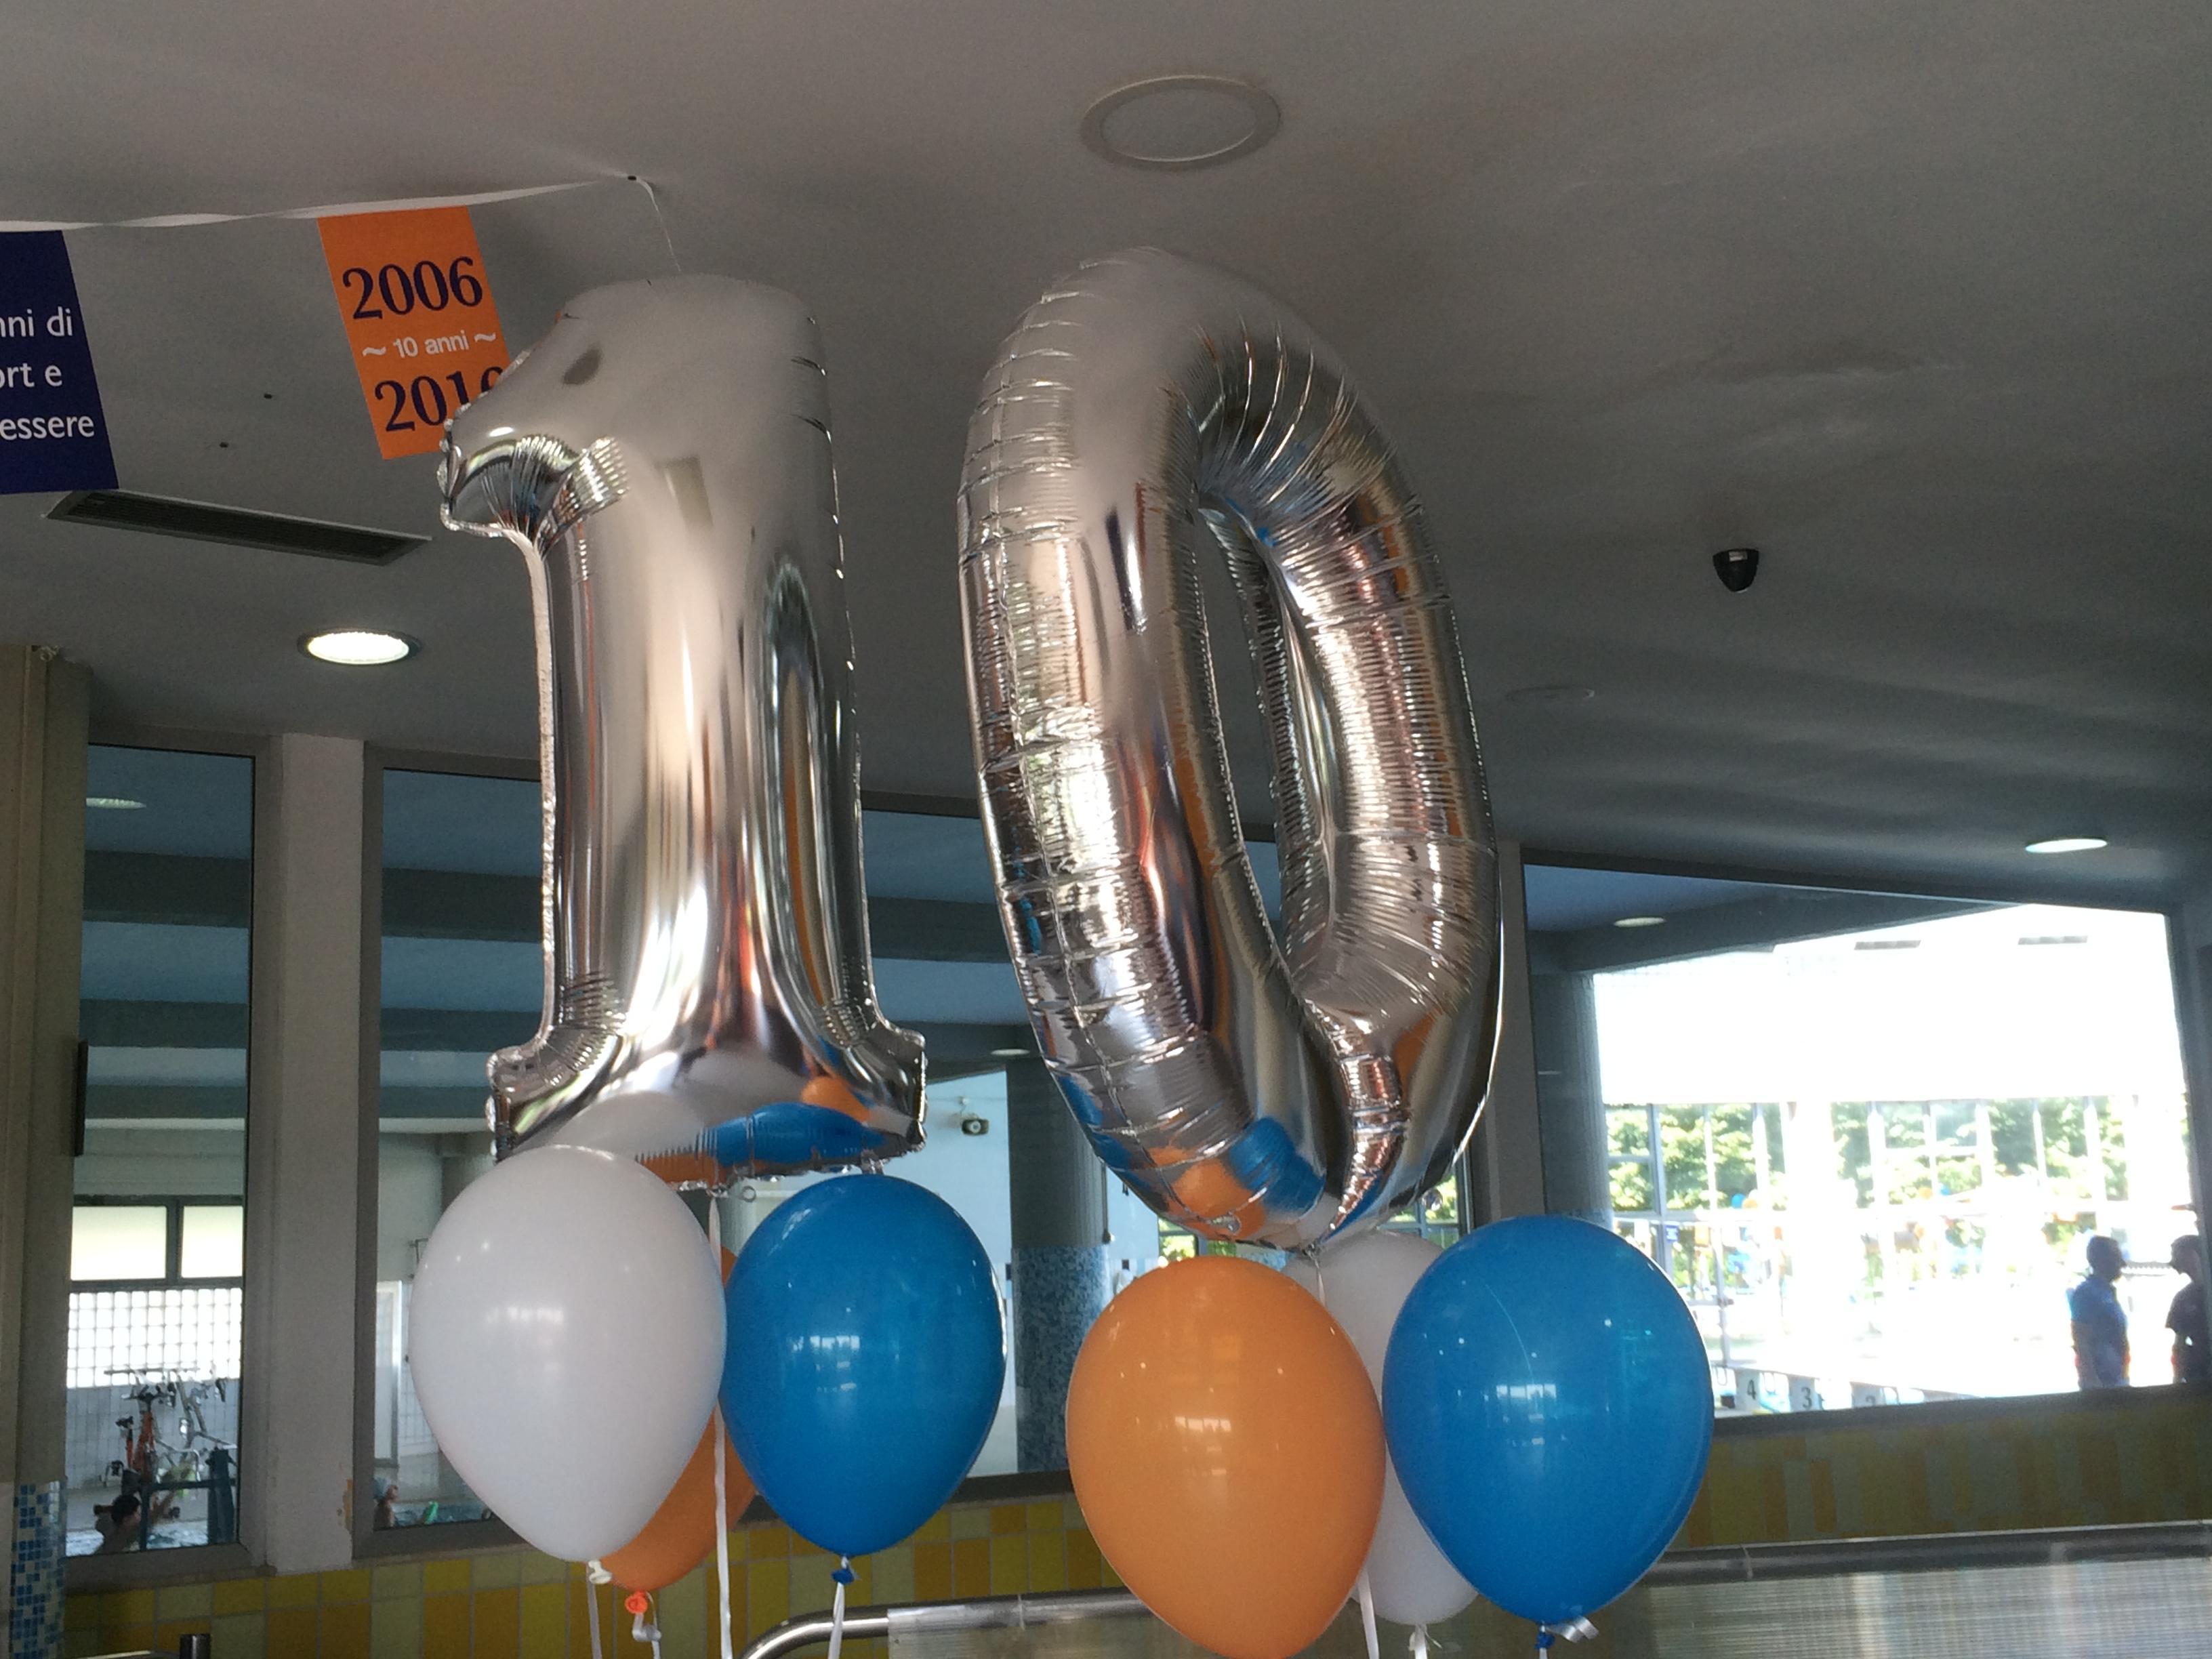 Il Centro Sportivo di Avellino festeggia i 10 anni dall'apertura